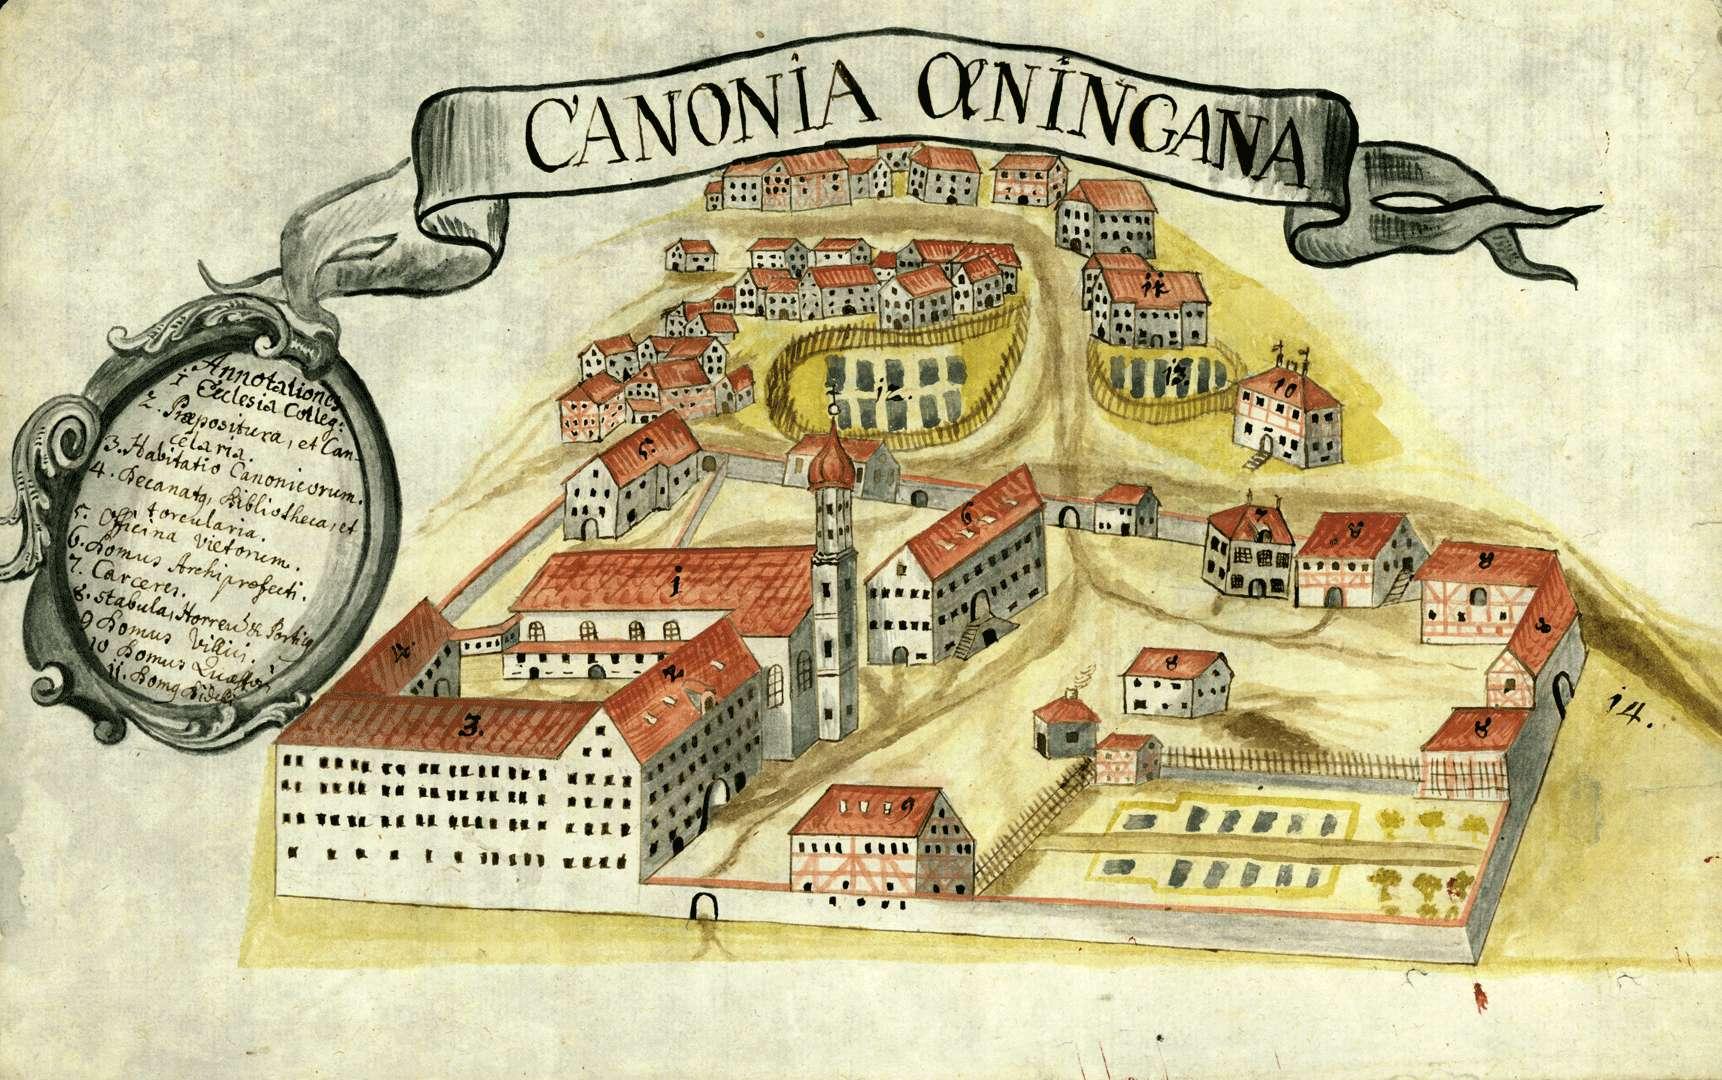 Canonia Oeningana, Bild 1